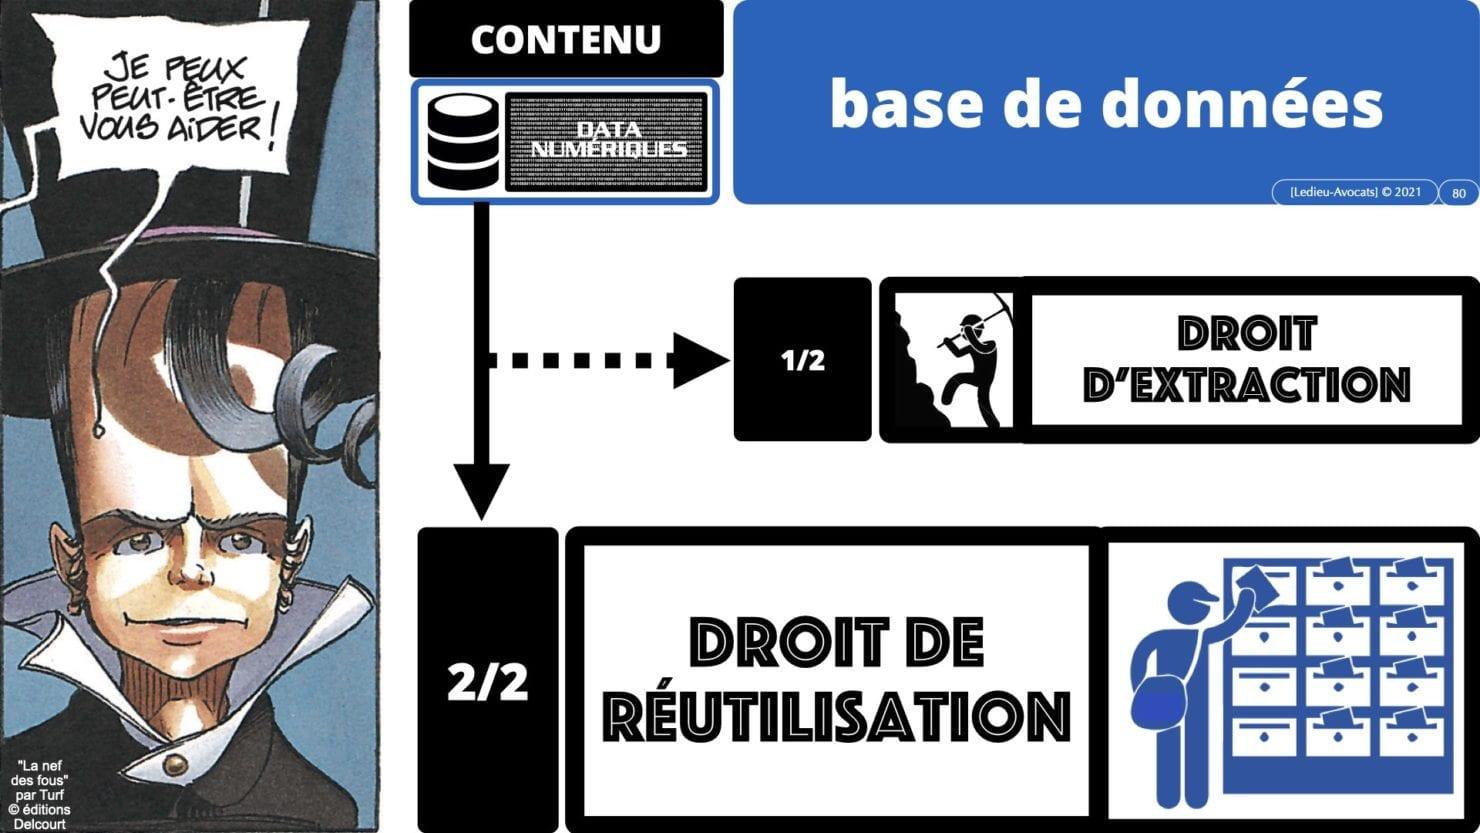 334 extraction indexation BASE DE DONNEES © Ledieu-avocat 24-05-2021.080